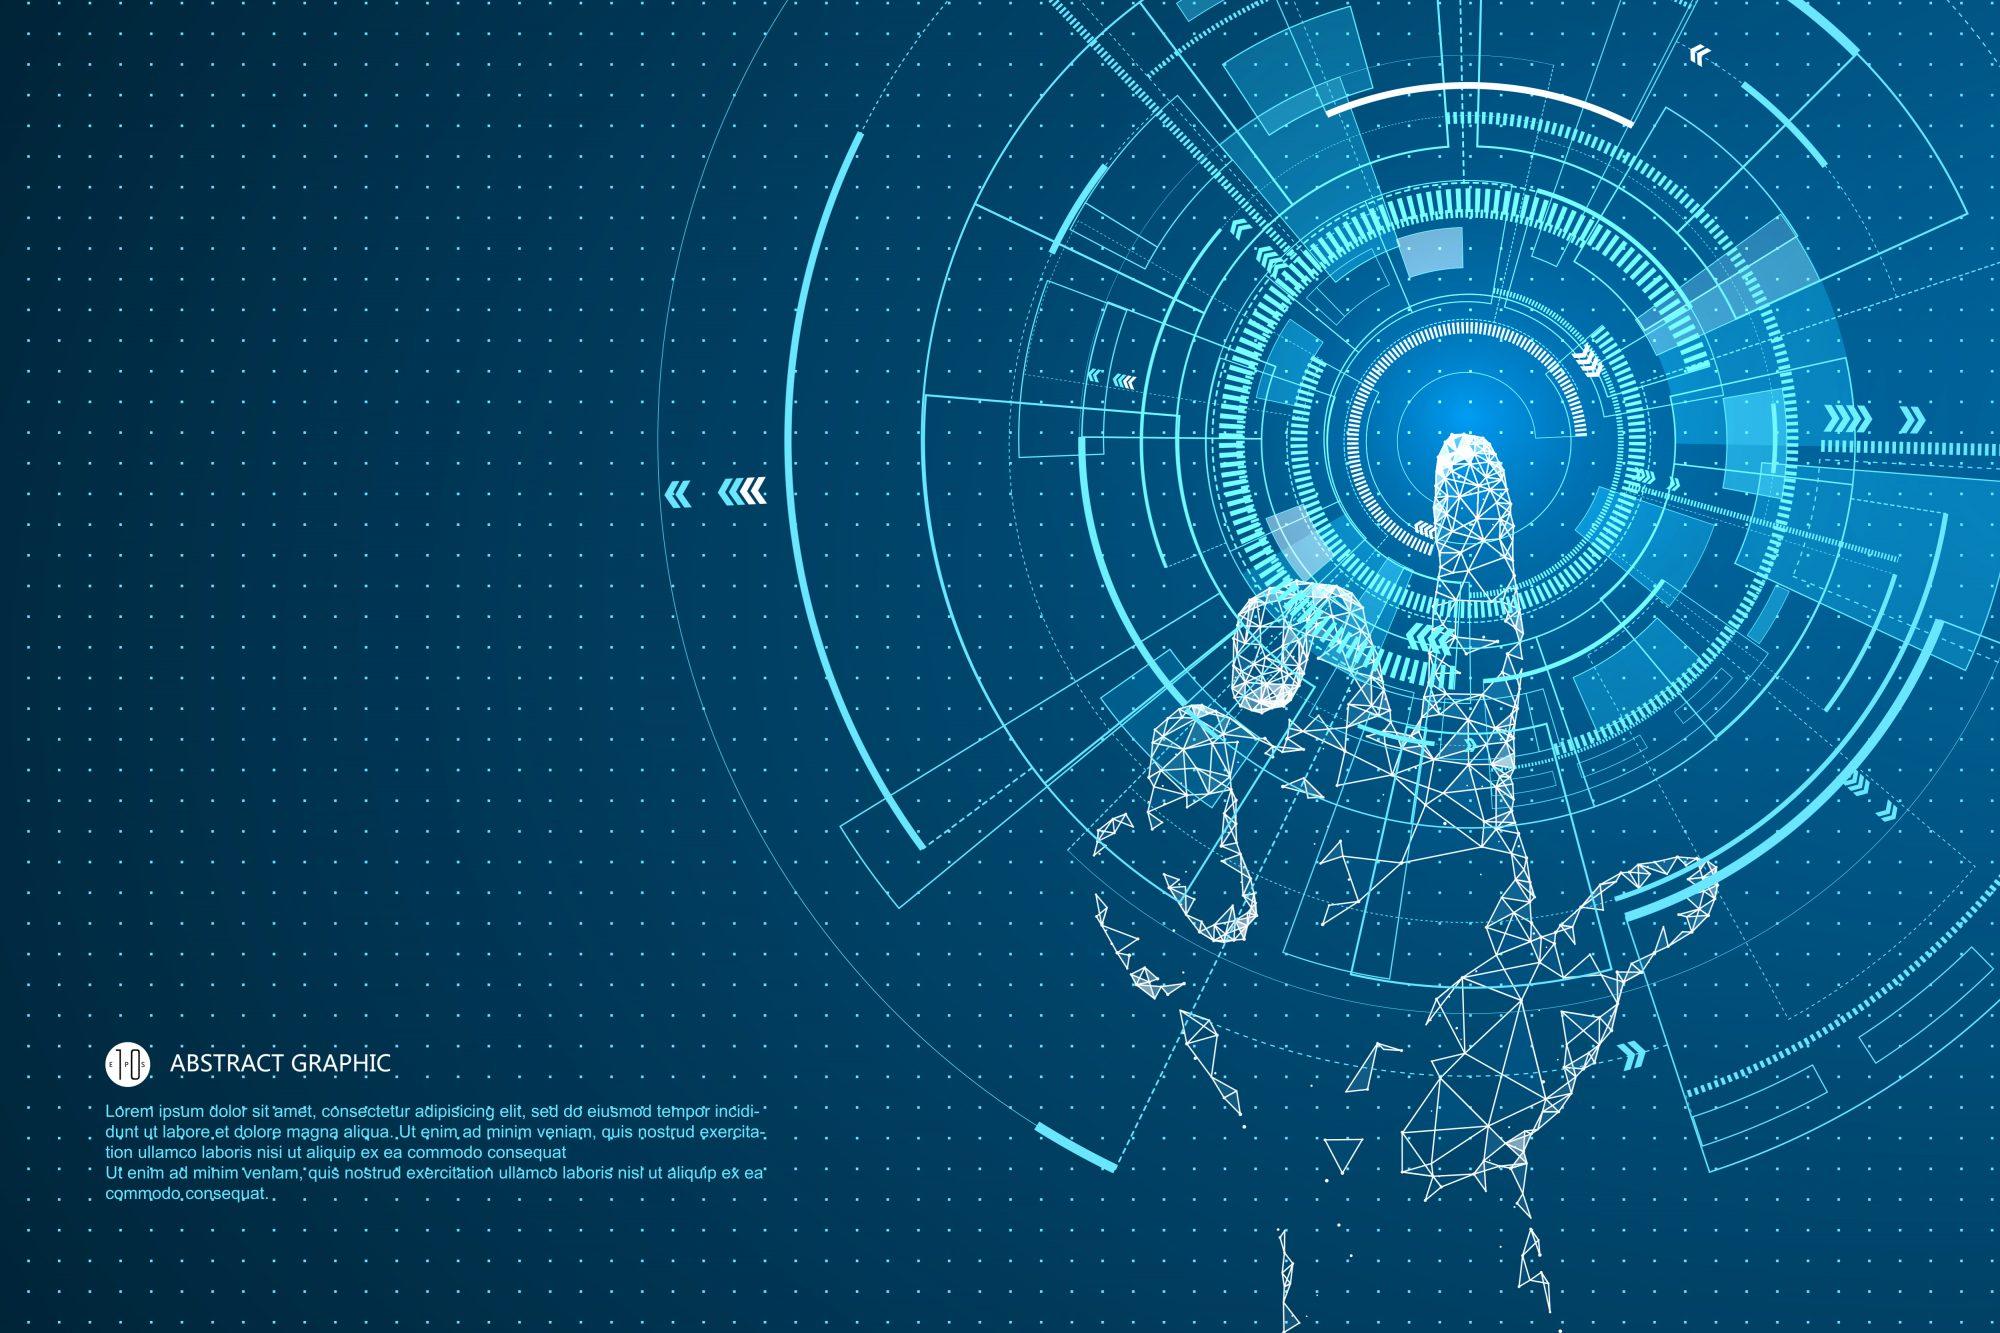 【UiPath Orchestrator】少ない工数でロボットを安定的に運用するための管理ツール